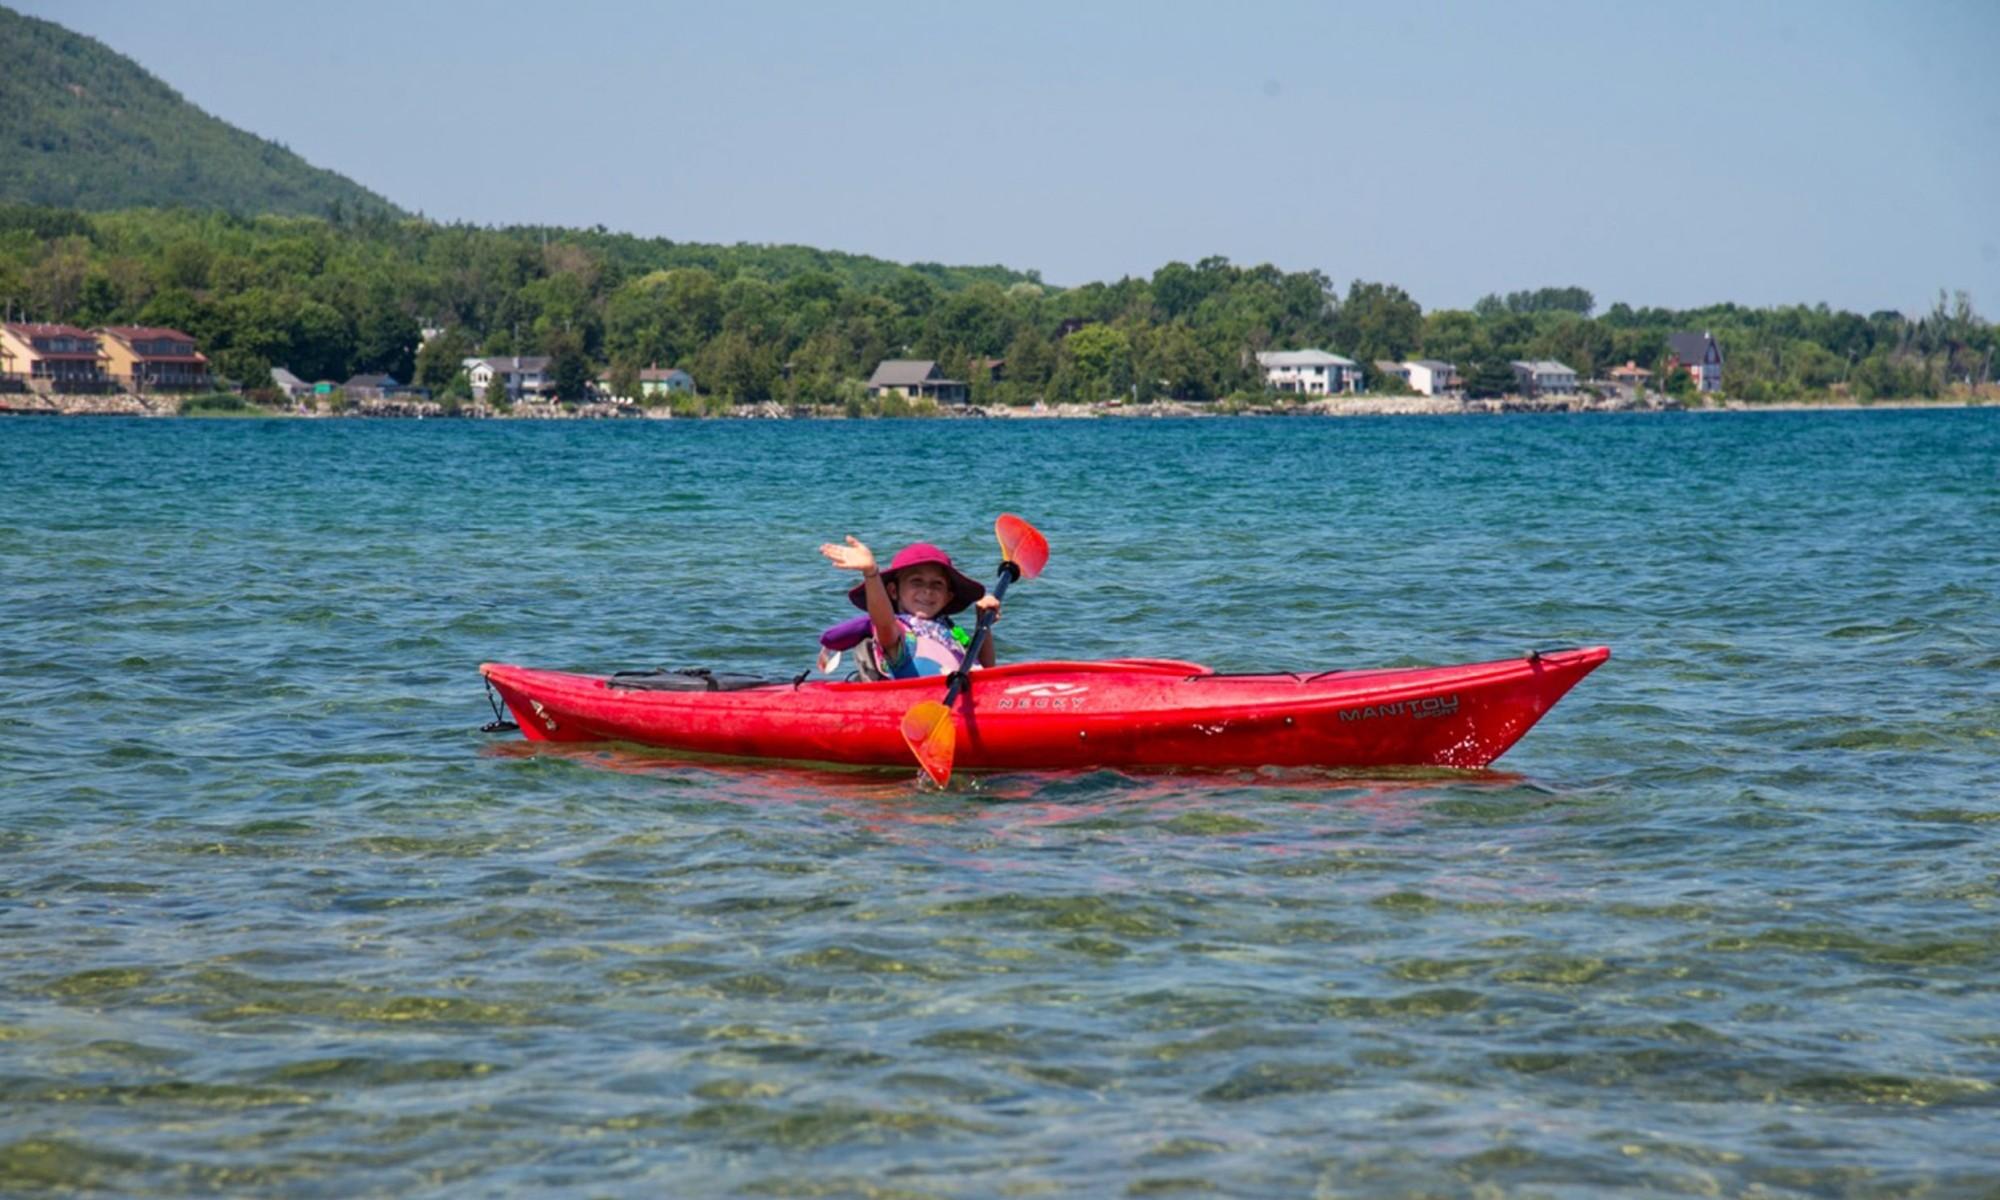 Hannah kayaking on Georgian Bay near Northwinds Beach